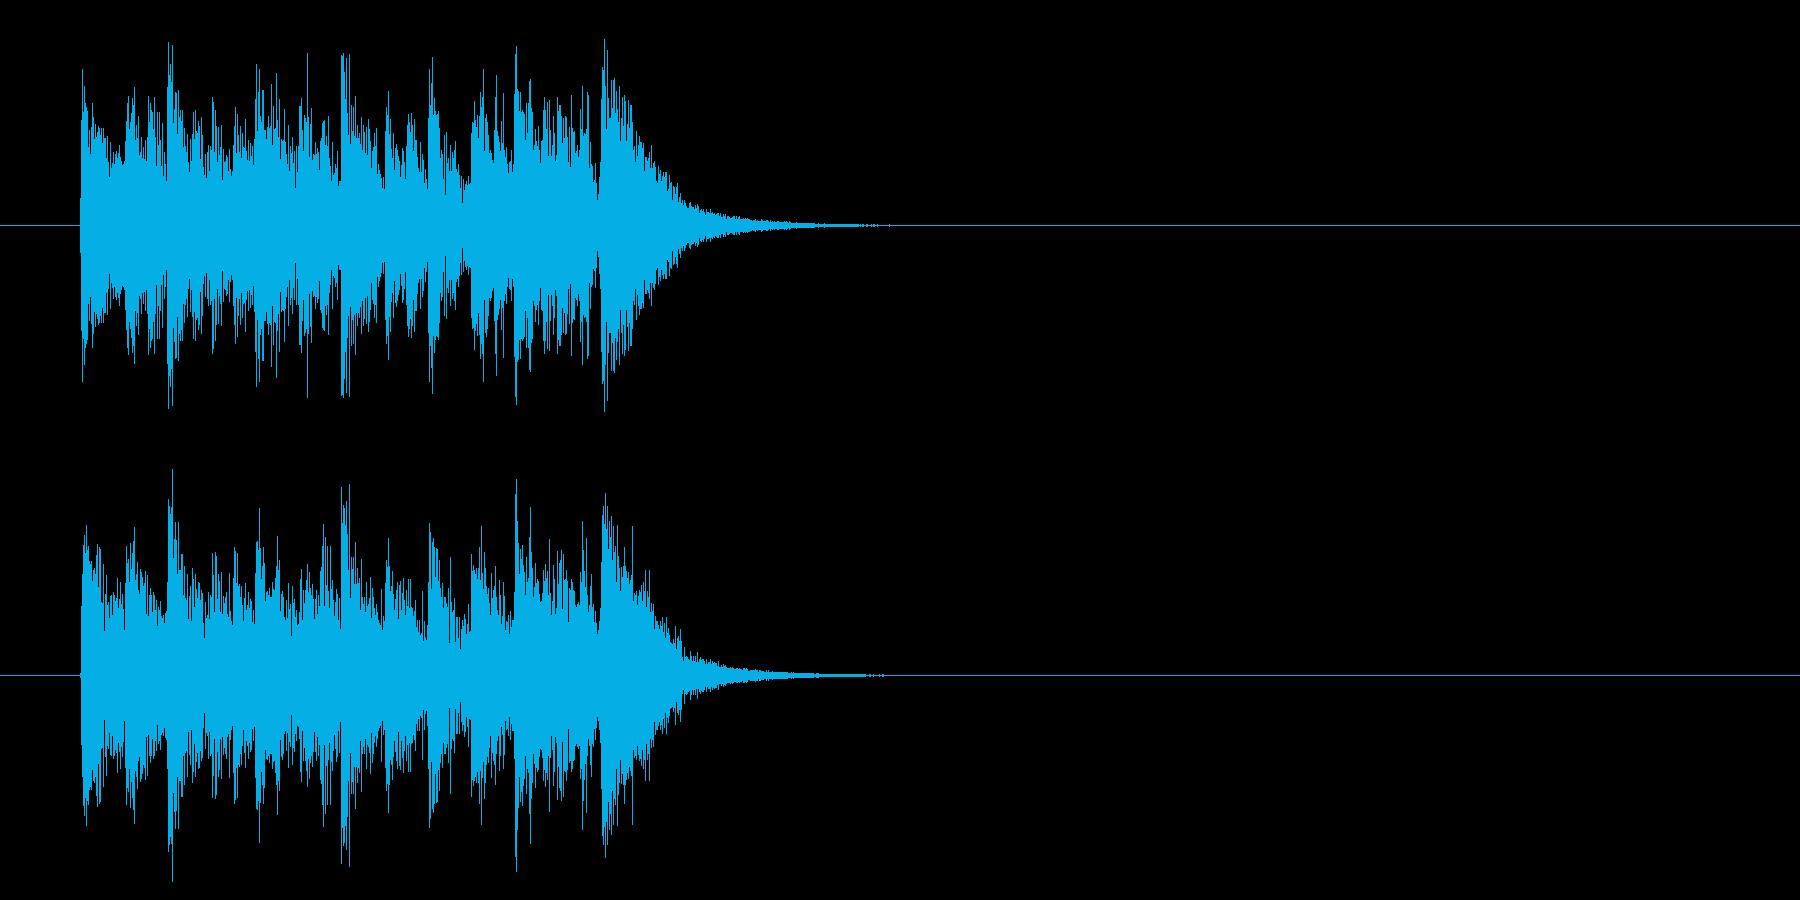 キュー・アタック風ポップスのジングルの再生済みの波形